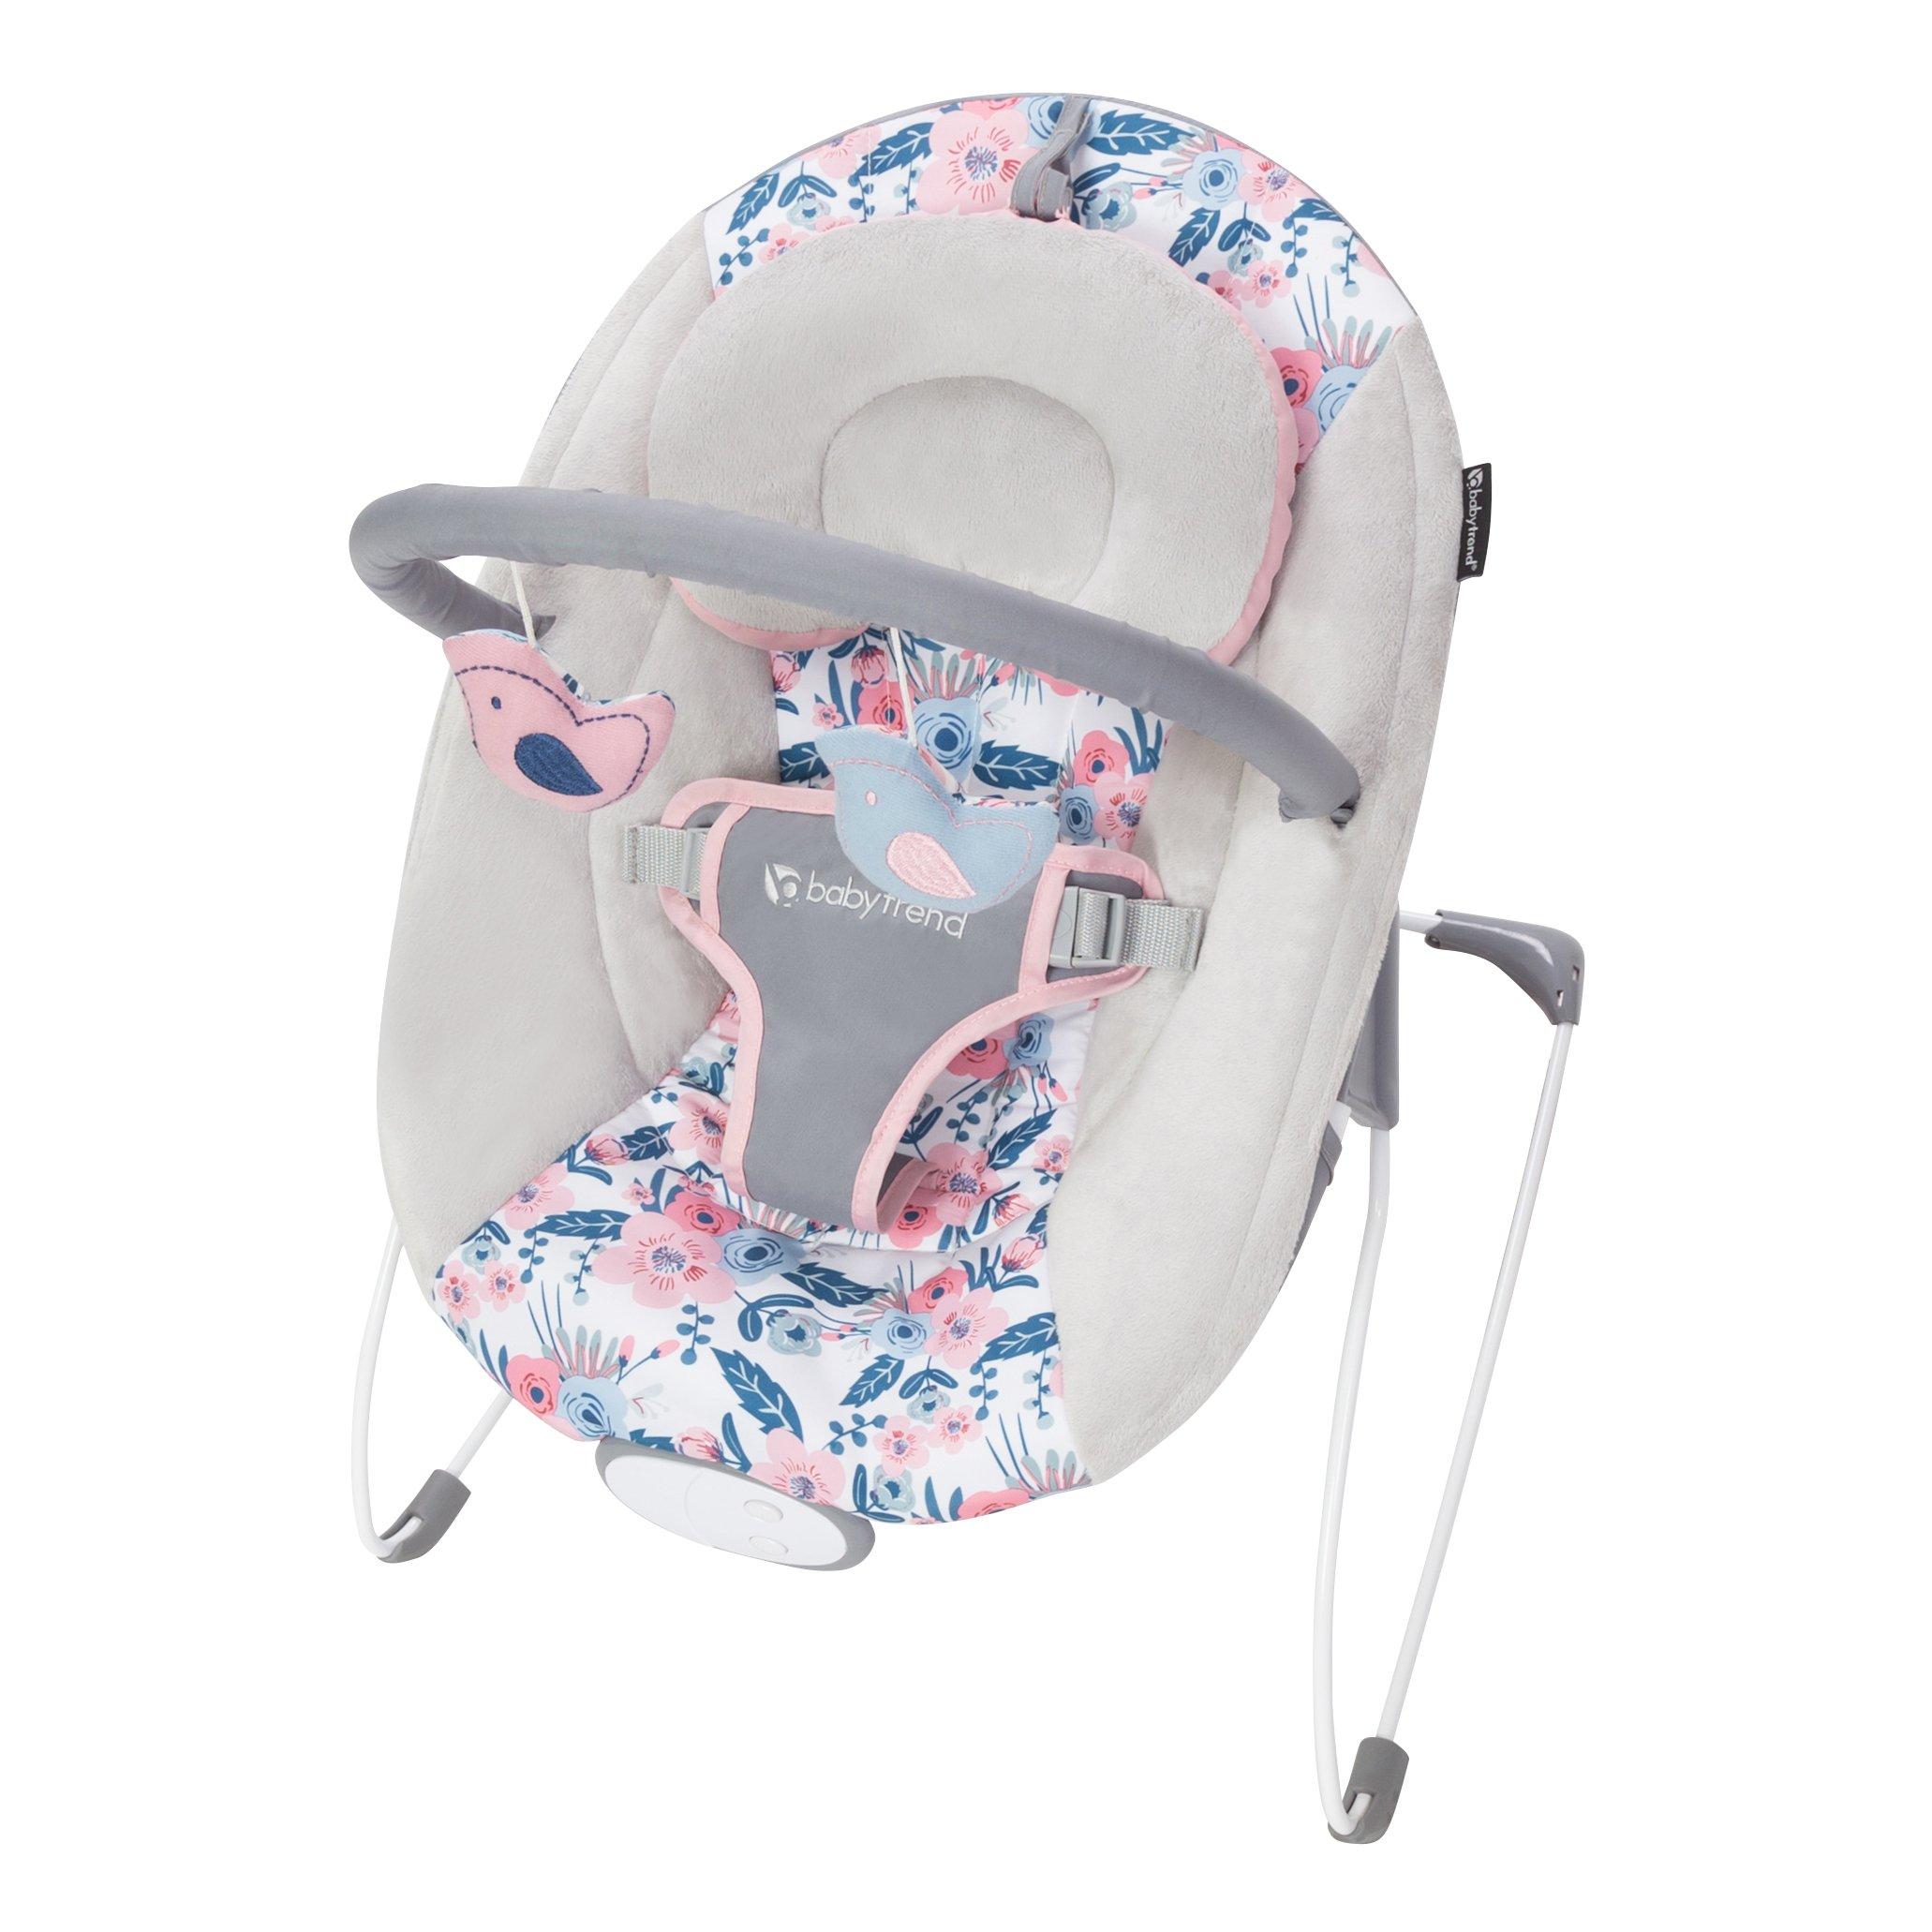 Baby Trend Ez Bouncer Bluebell Buy Online In Aruba Baby